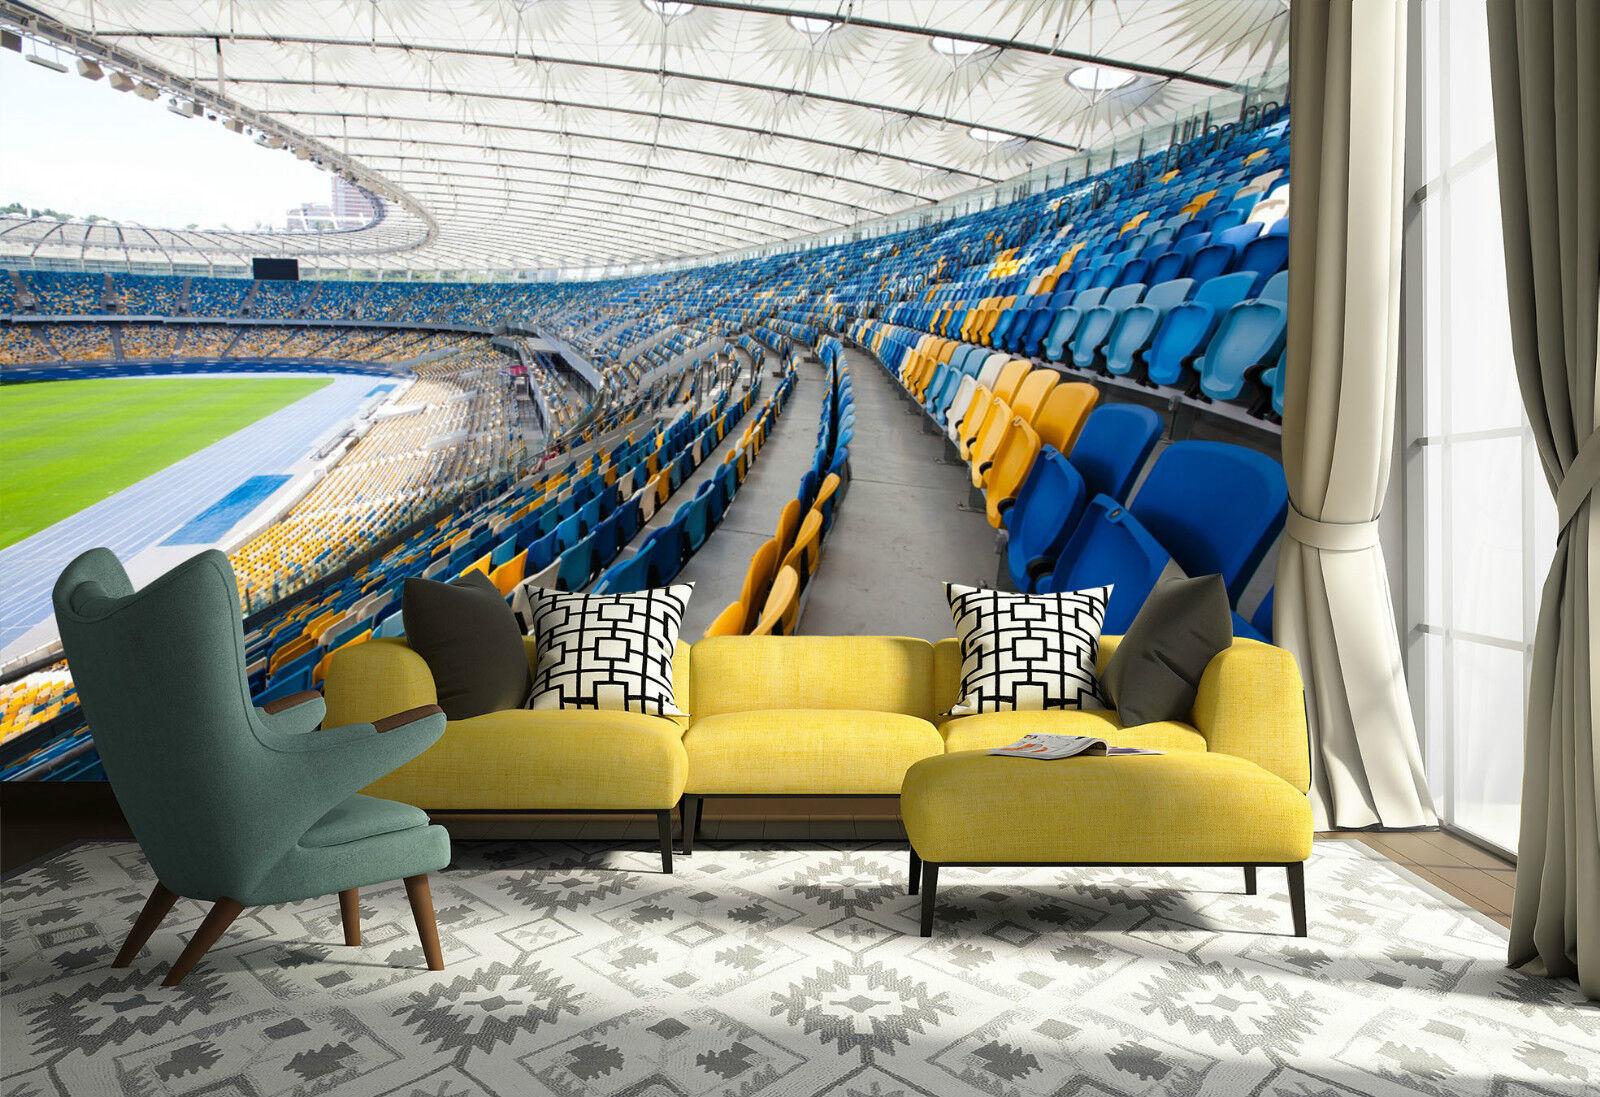 3D Stadium Seats 112 Wall Paper Wall Print Decal Wall AJ WALLPAPER CA